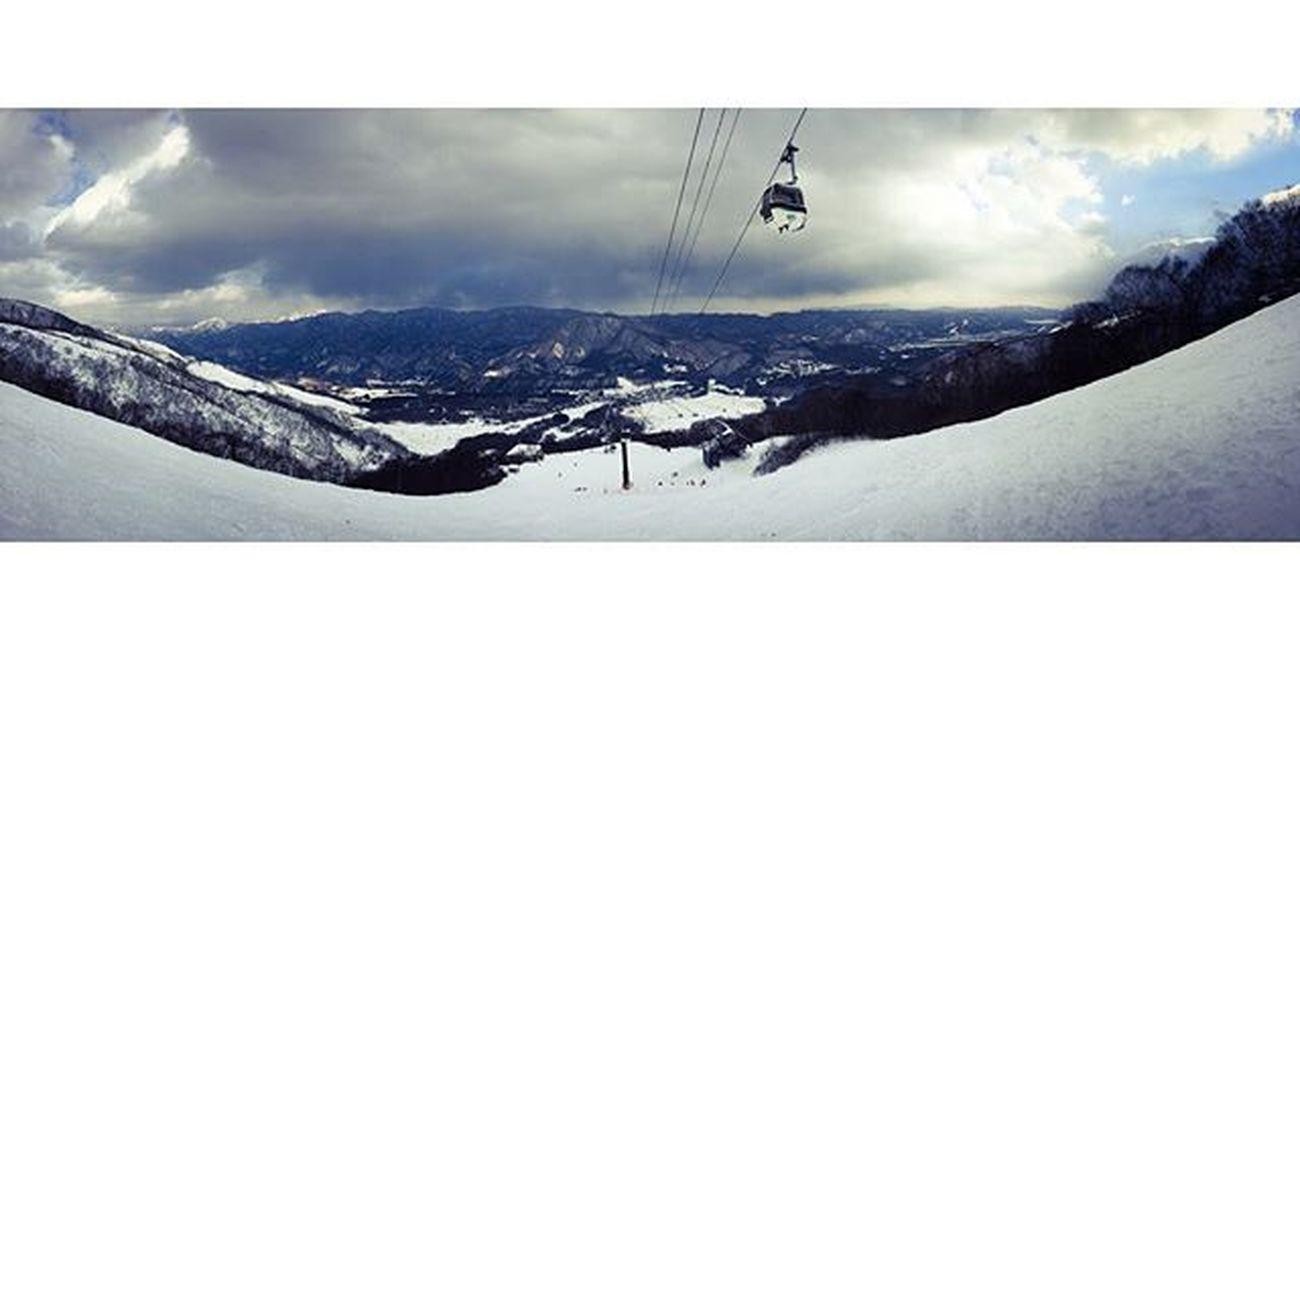 栂池高原スキー場 しらかば。Nagano Hakuba Tsugaike 白馬 栂池高原 そこに雪はあるか そこに雪はなかった ないってこともない少ないだけ